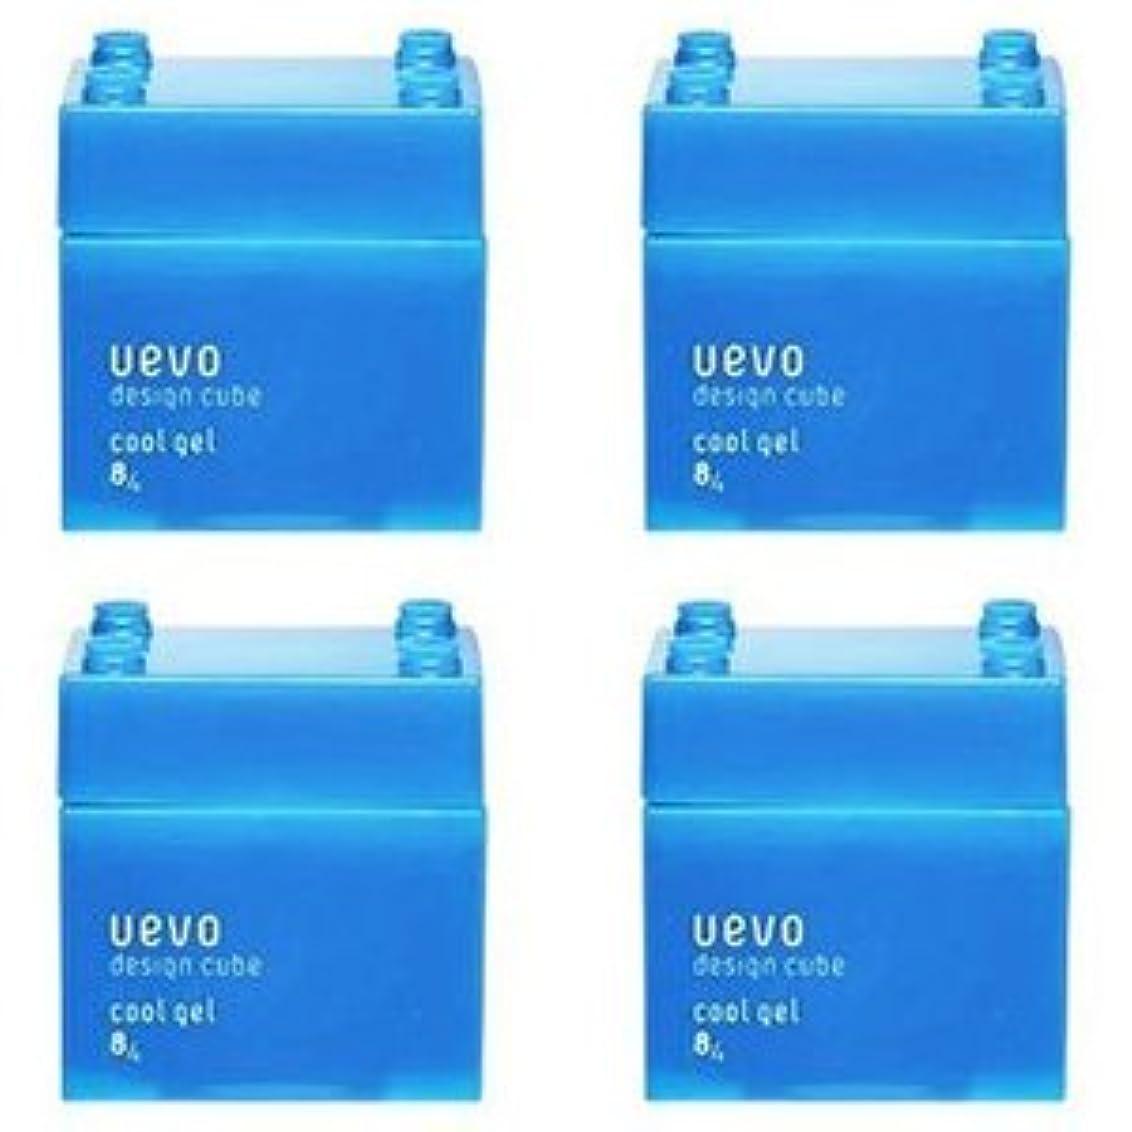 細胞めまい推定【X4個セット】 デミ ウェーボ デザインキューブ クールジェル 80g cool gel DEMI uevo design cube